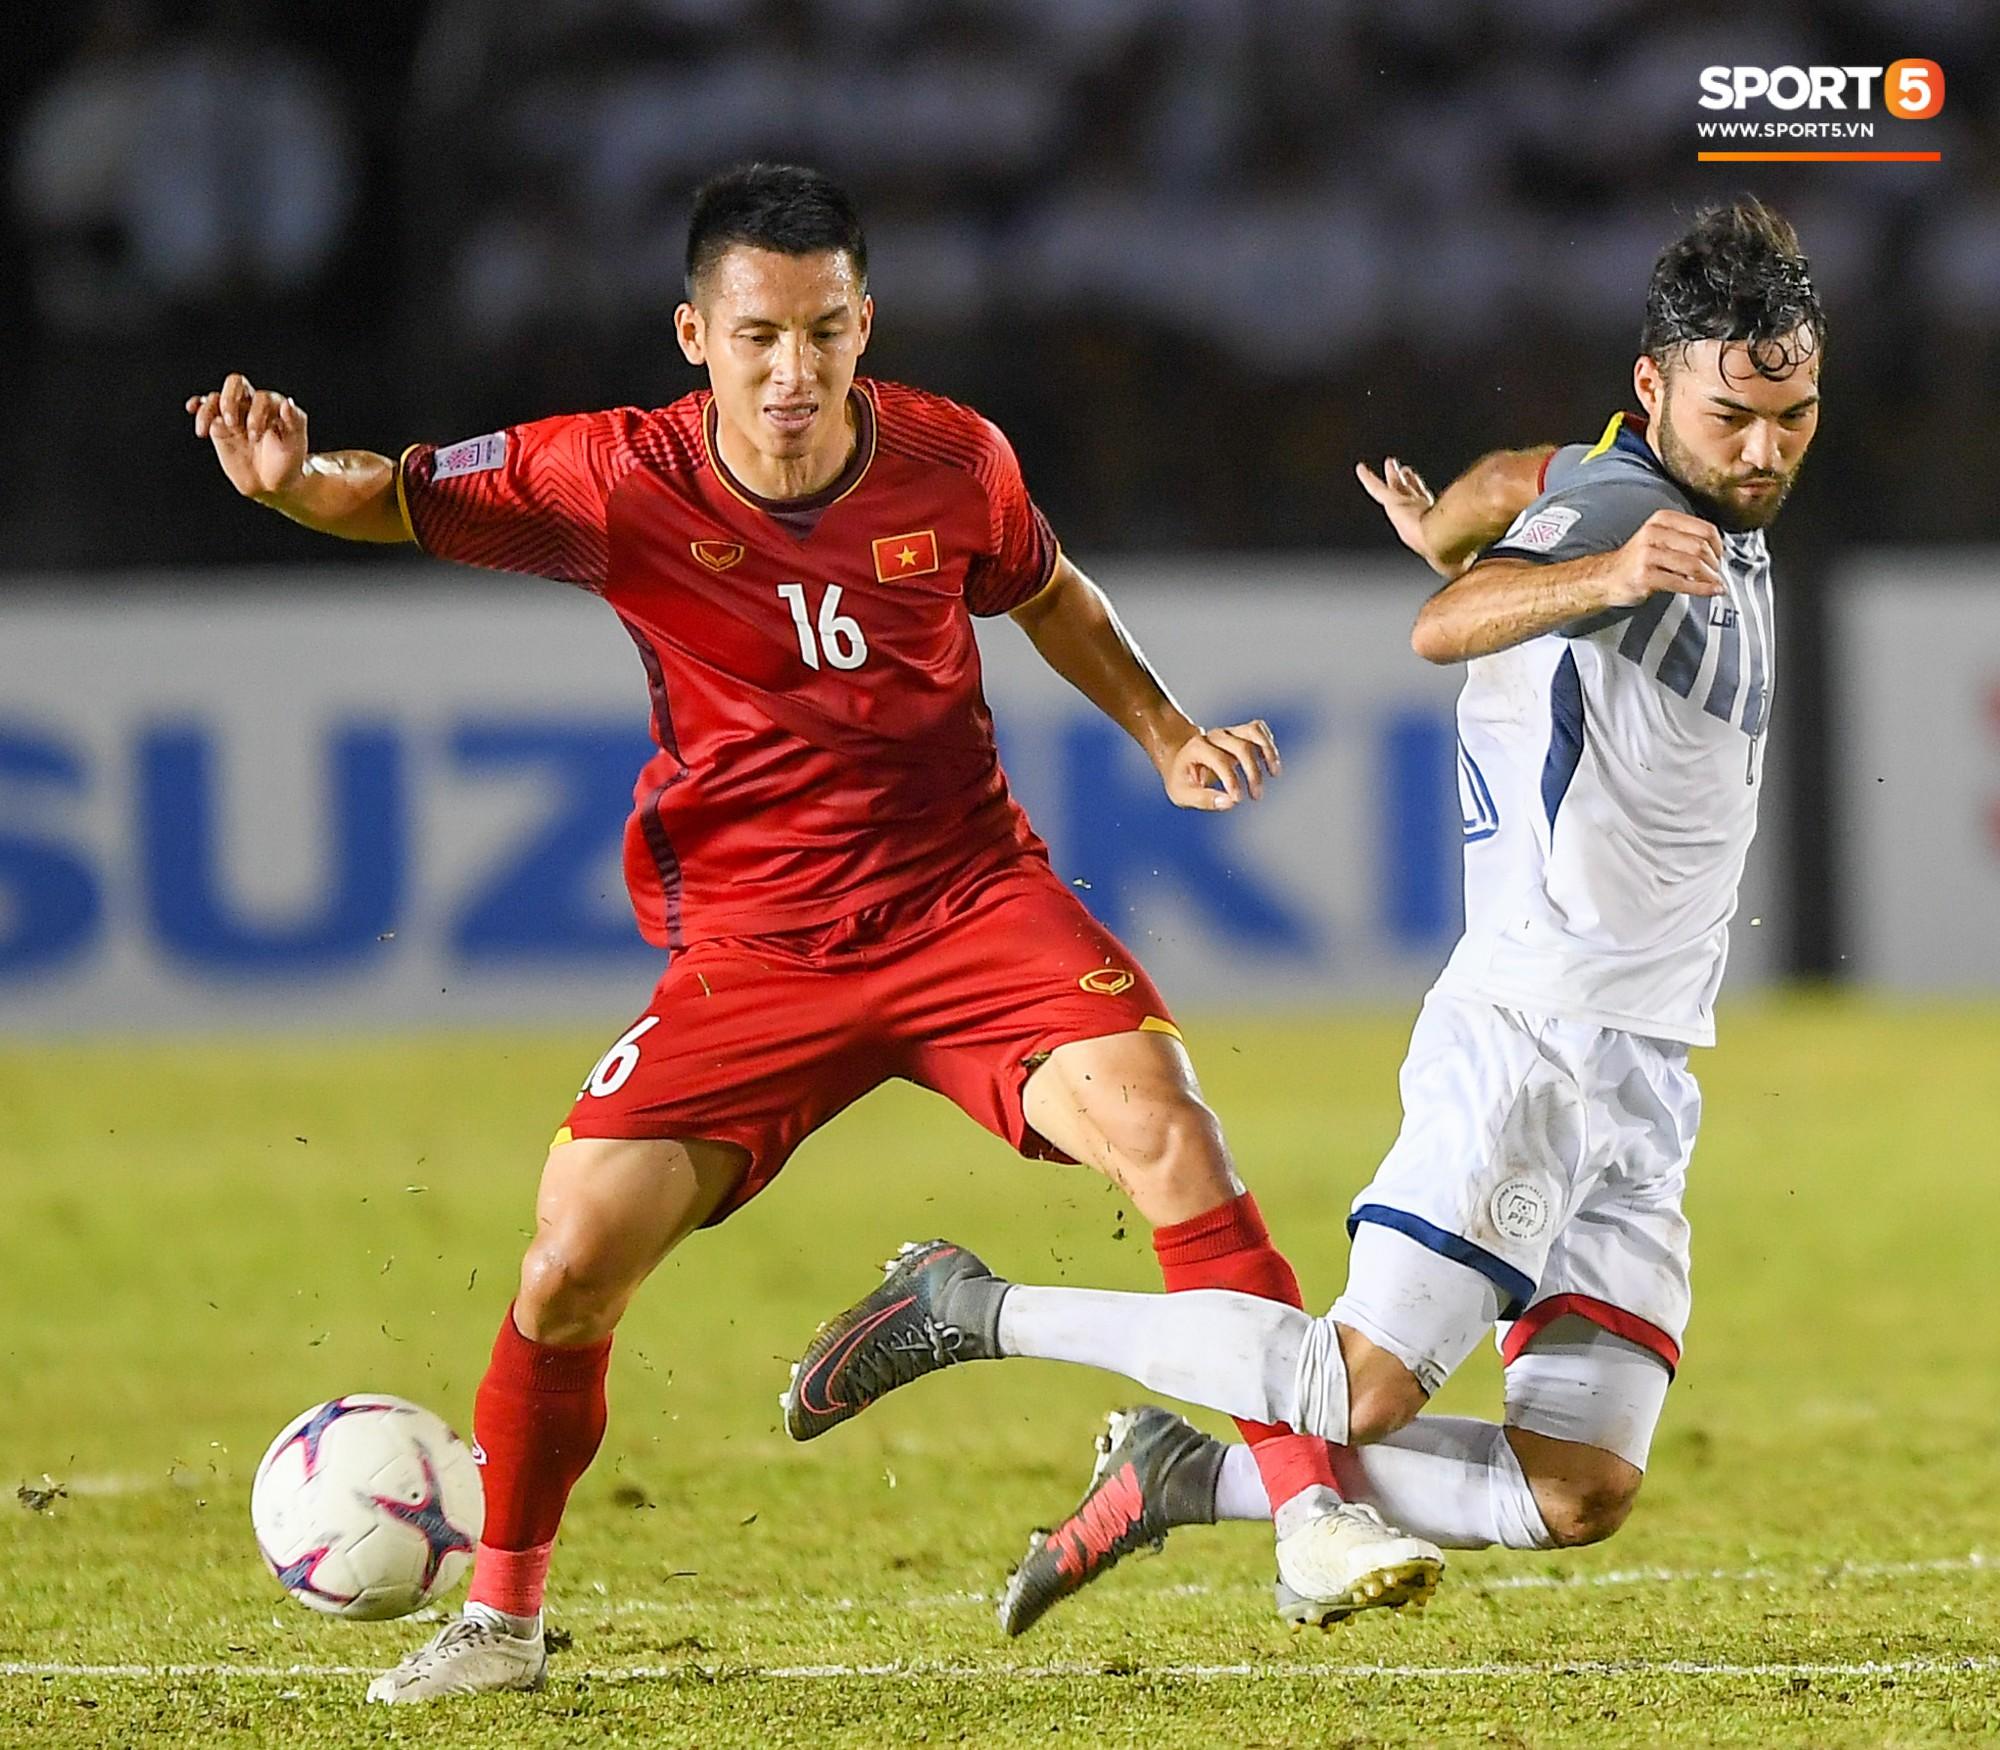 Tuyển Việt Nam có thể phải đá hiệp phụ với Philippines tại bán kết AFF Cup 2018 1